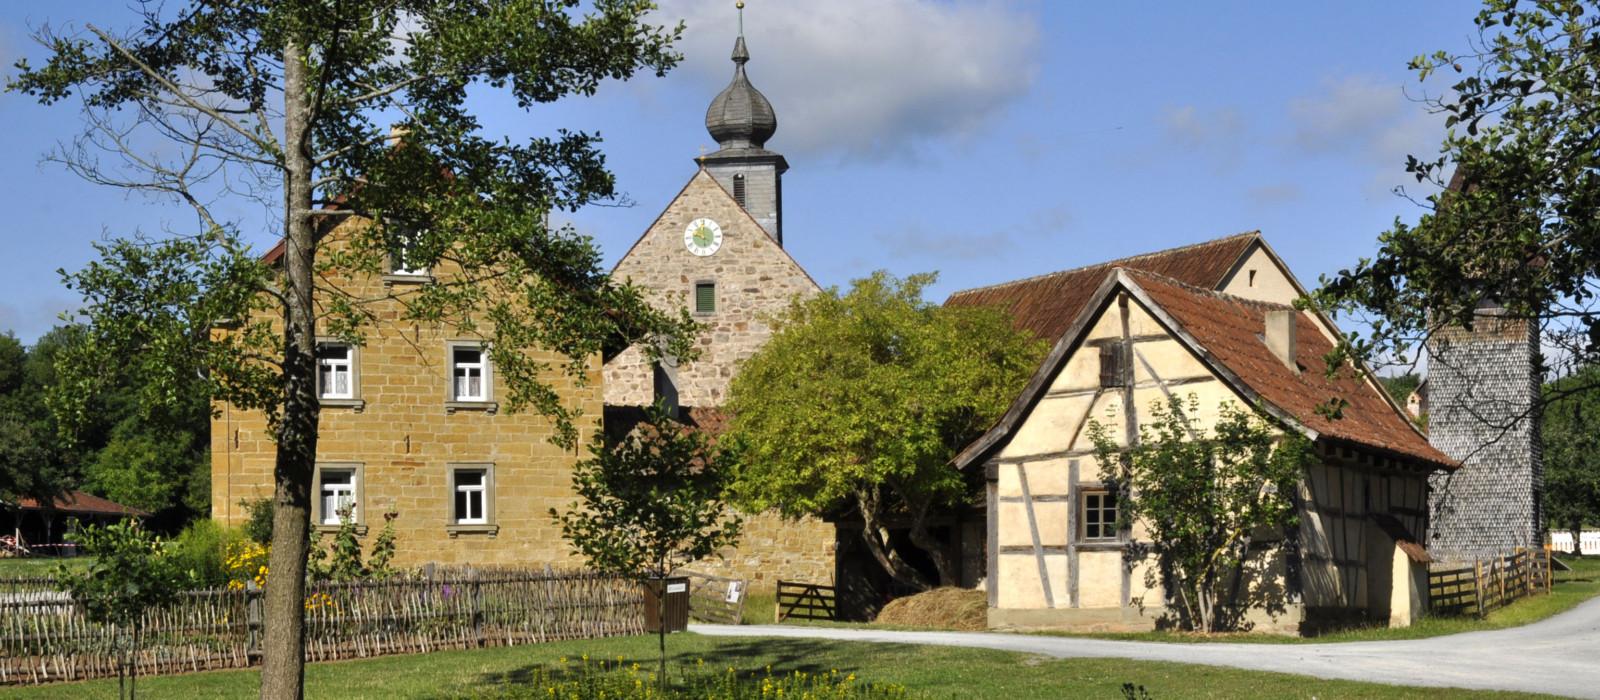 Außenansicht von altem Stadtkern mit Kirchturm in der Mitte